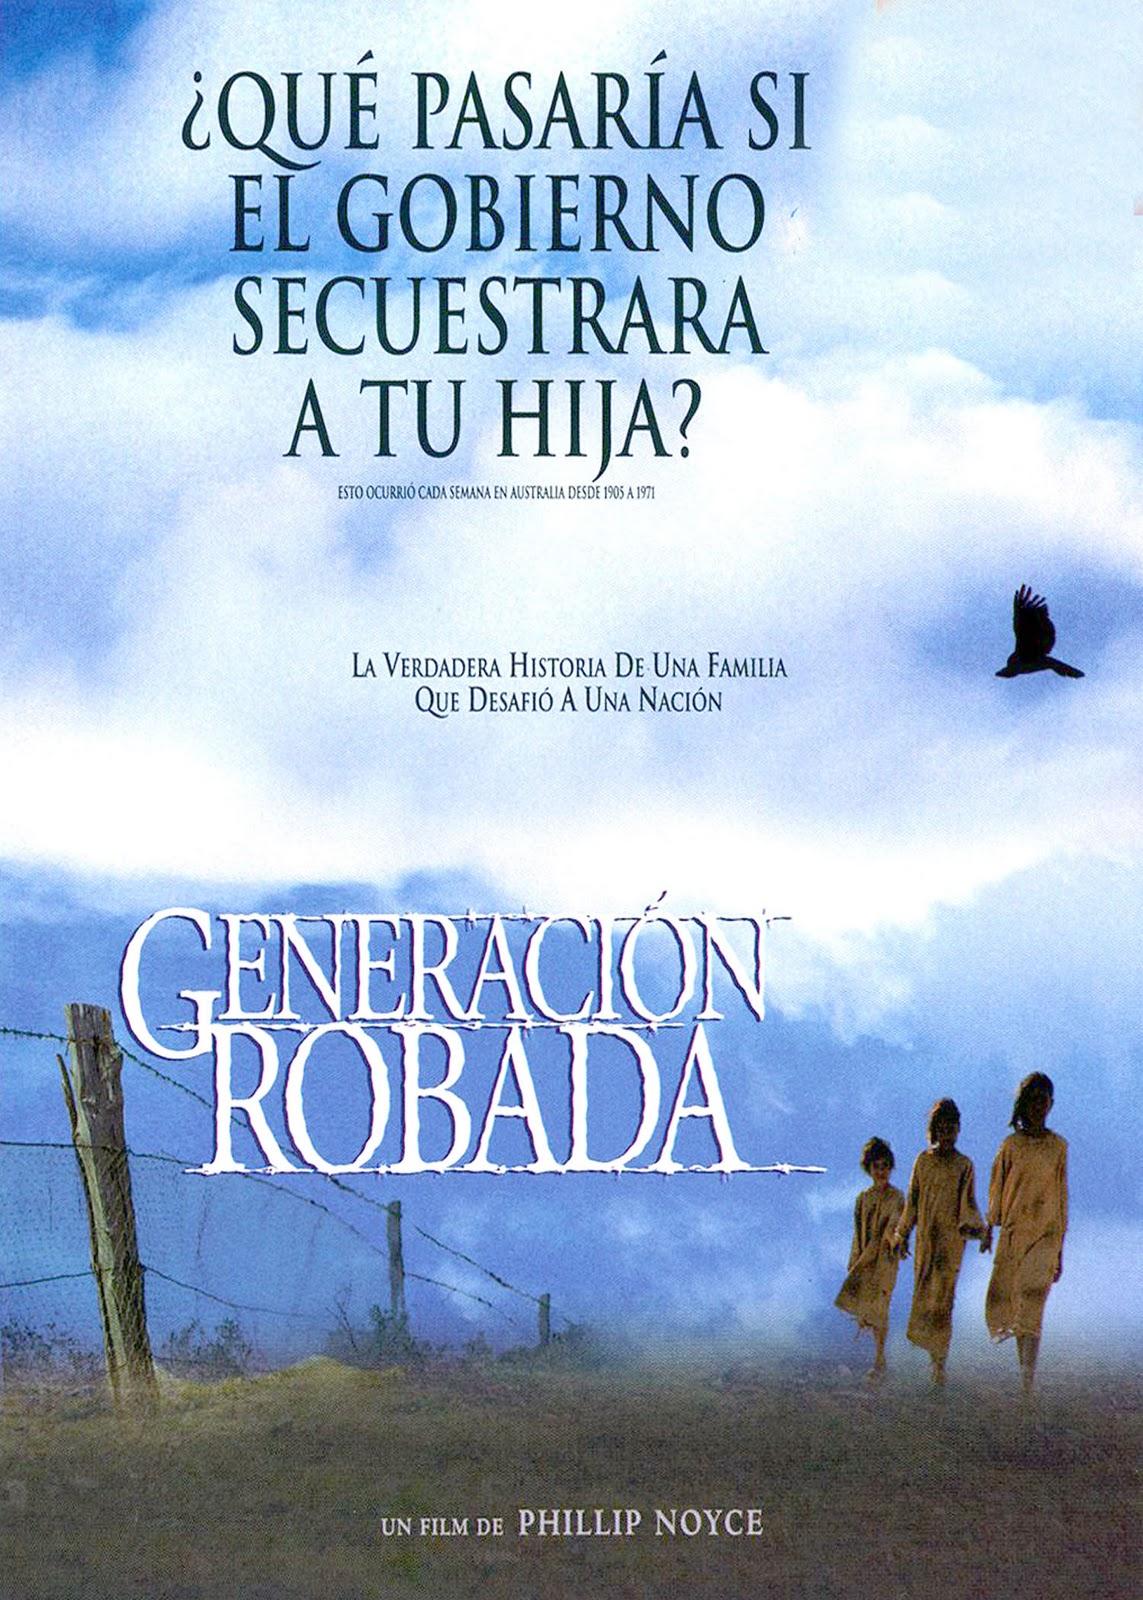 https://www.filmaffinity.com/es/film111888.html